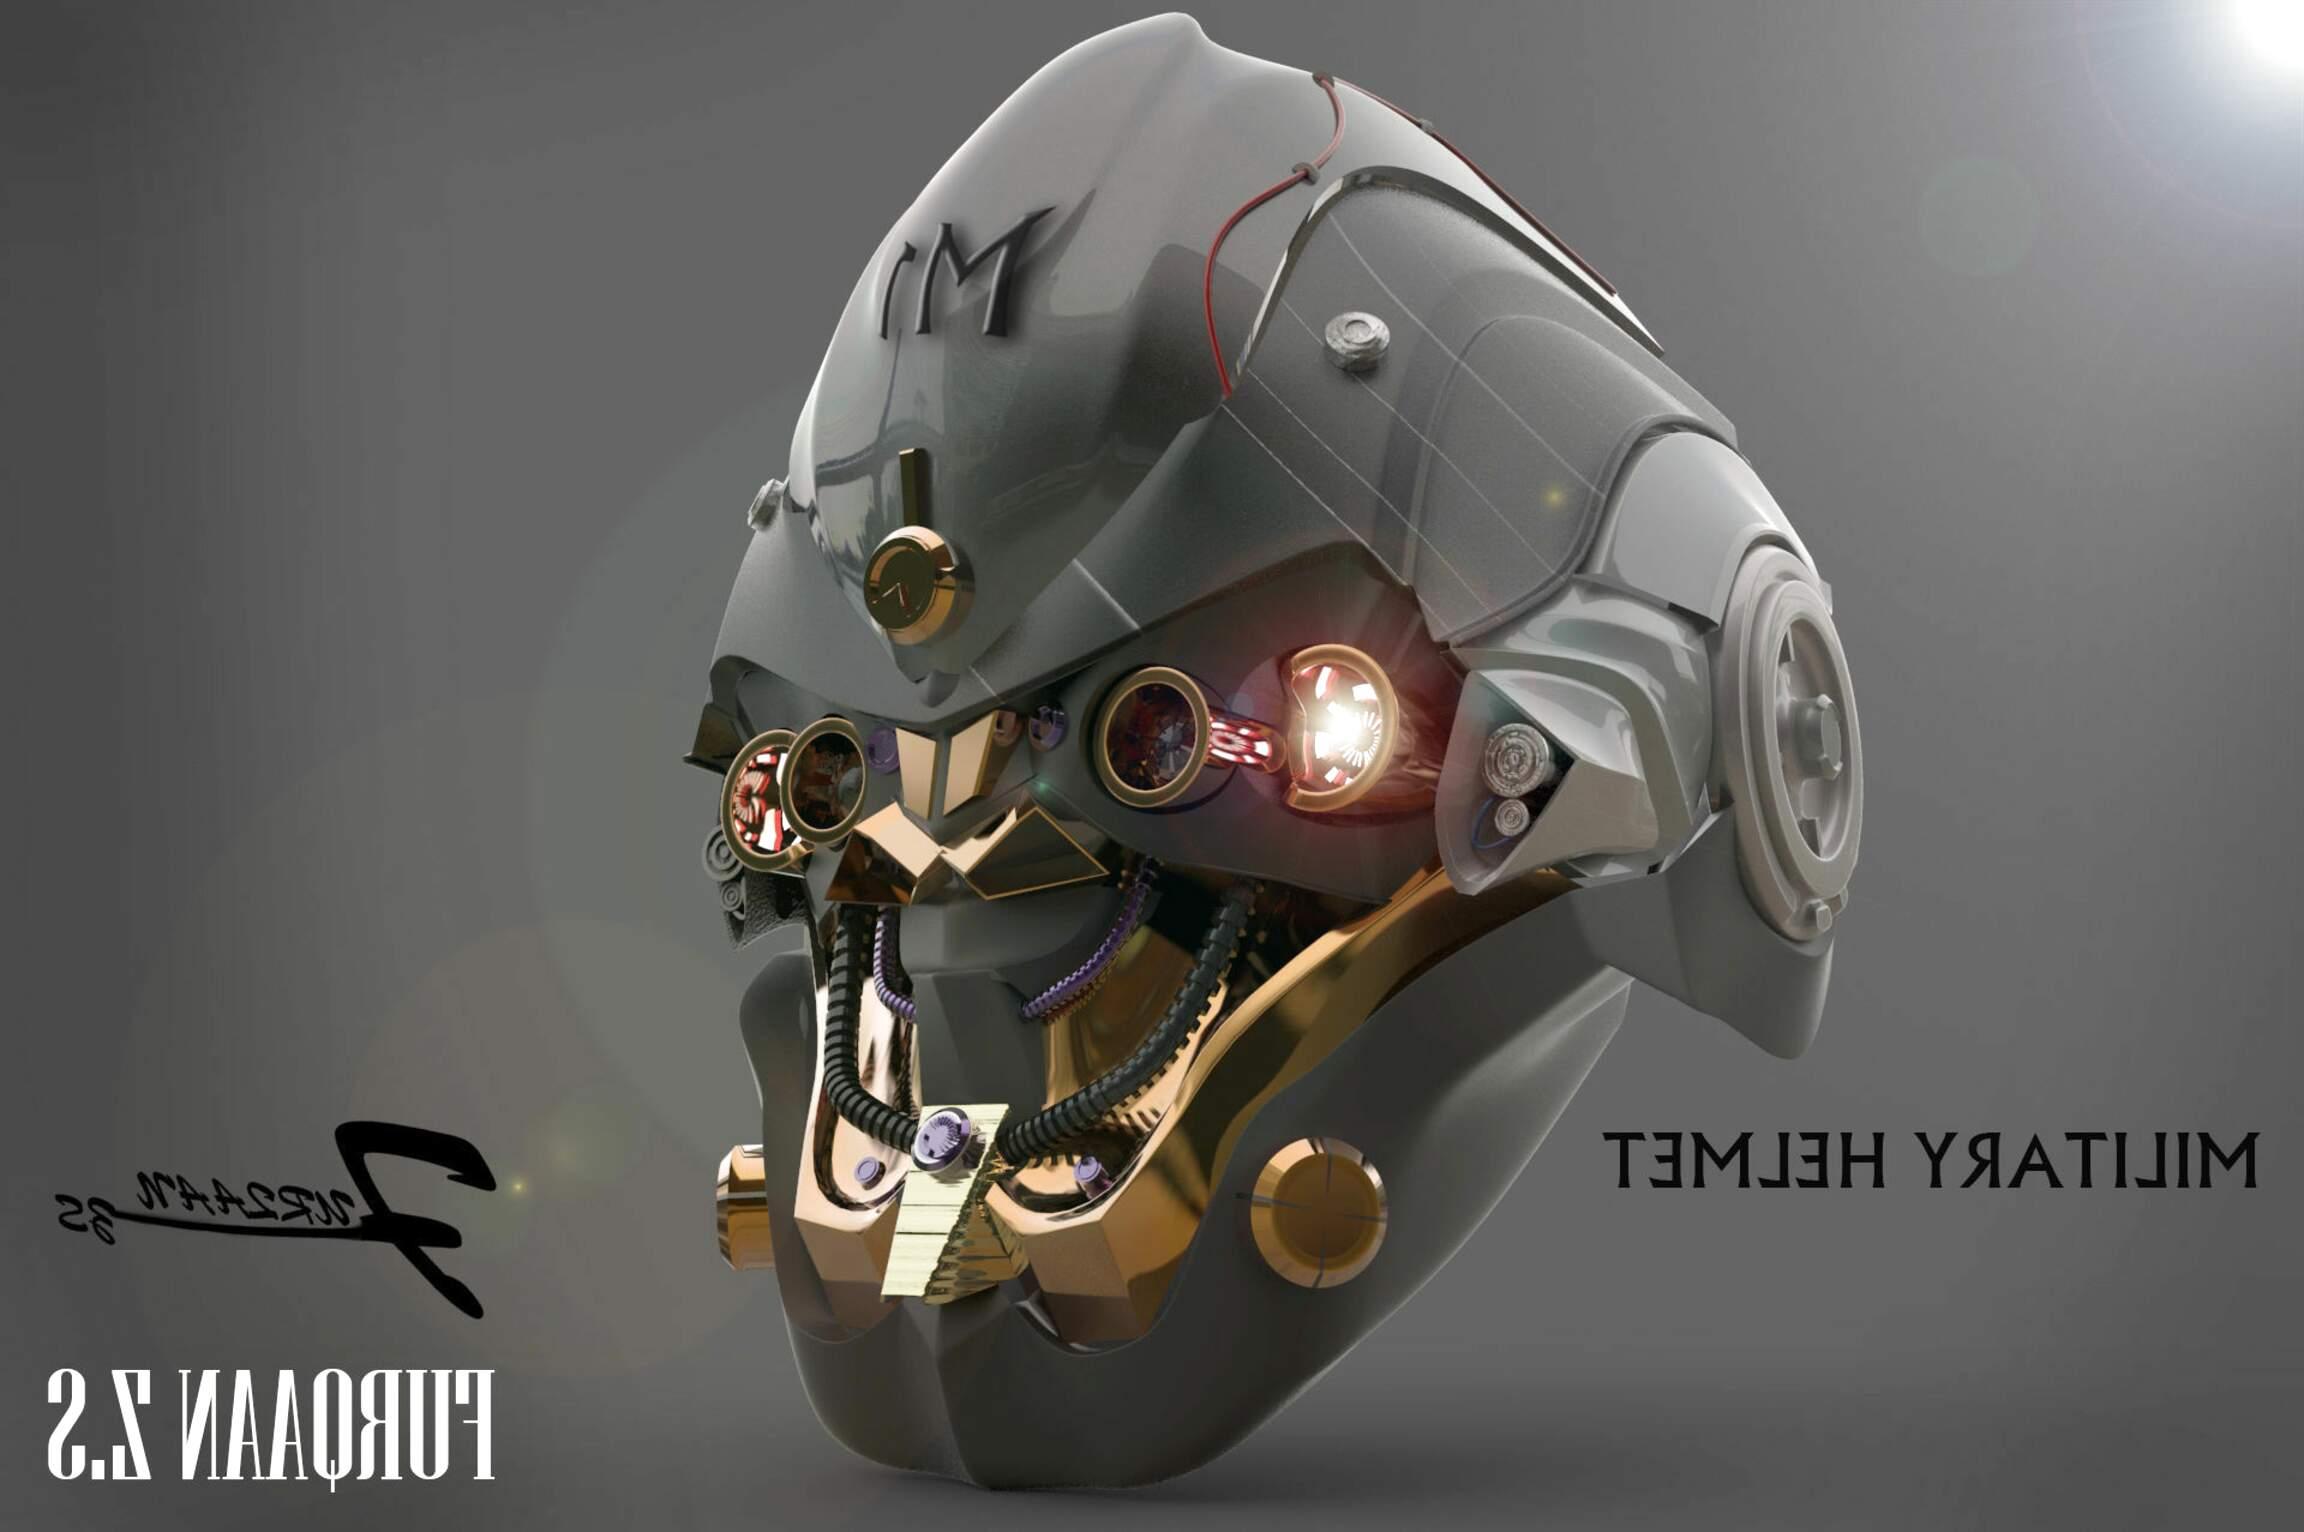 robot helmet for sale